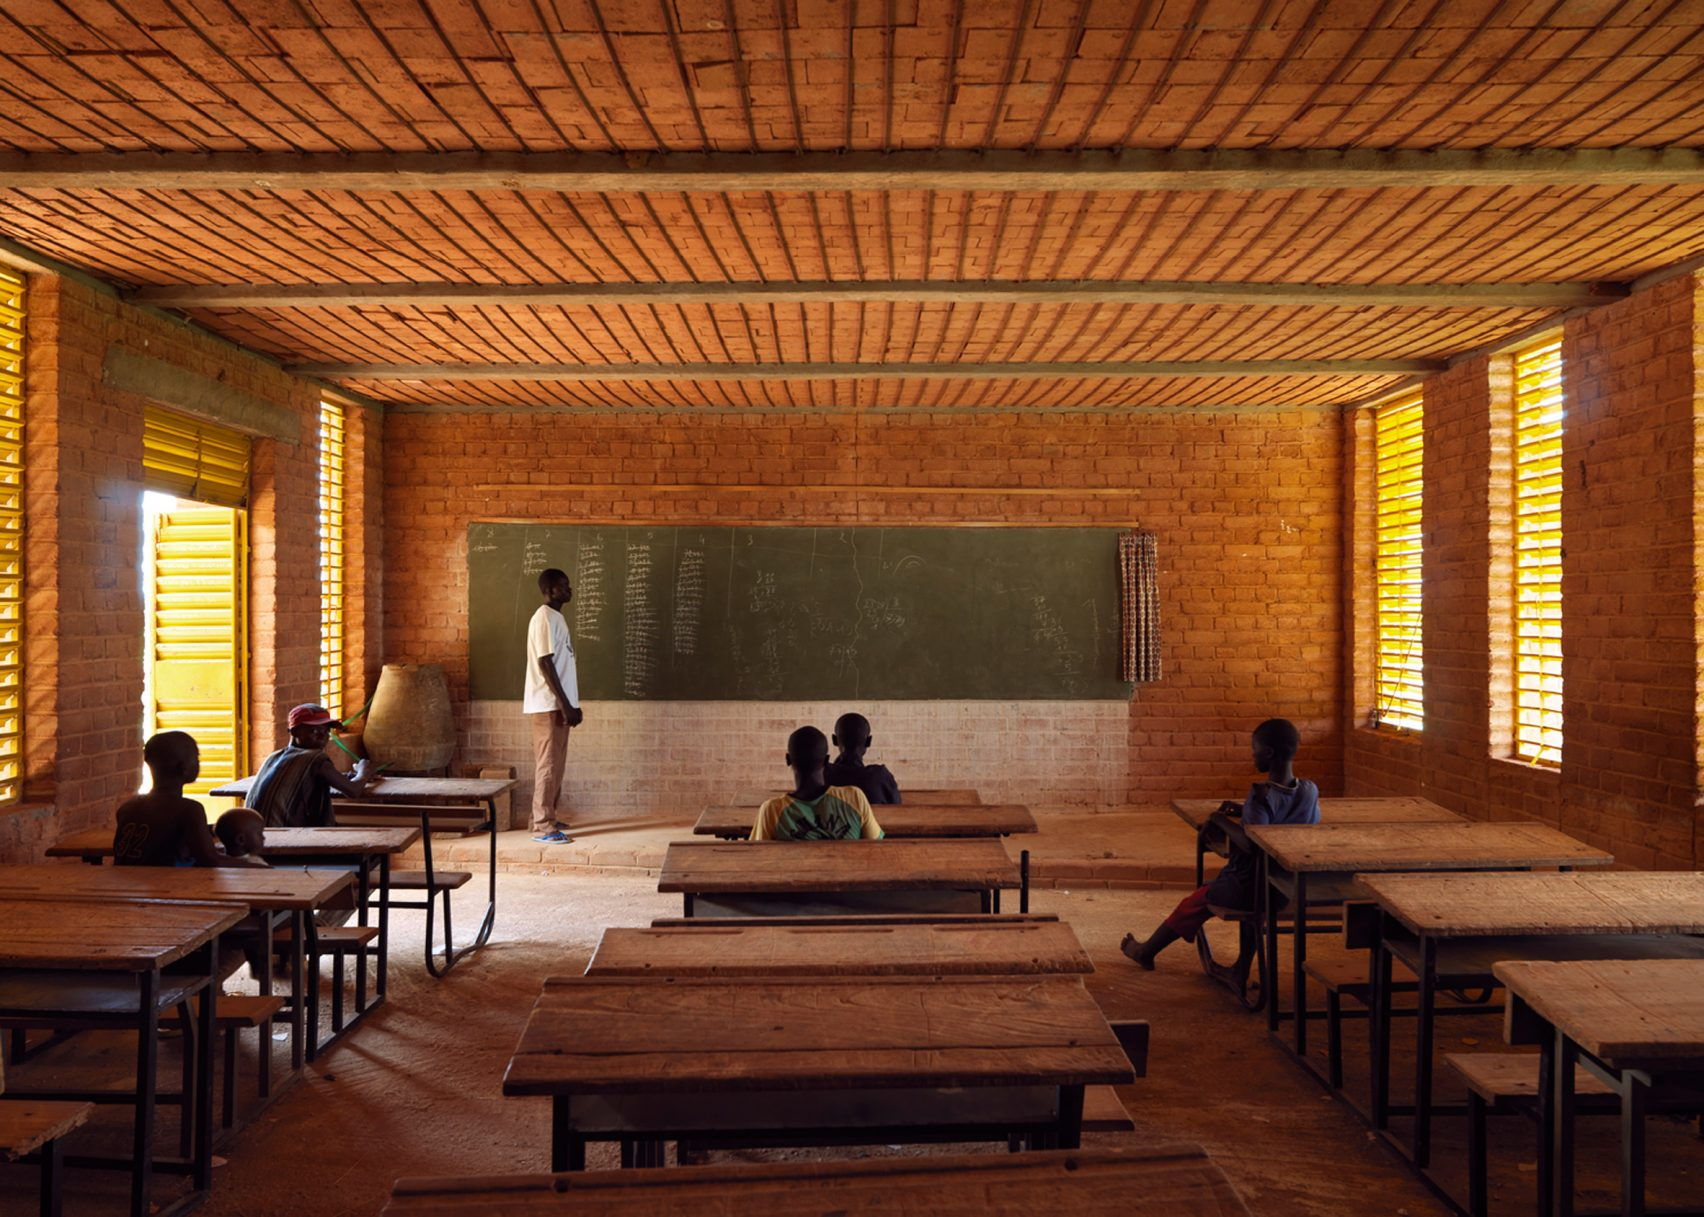 Extensão da Escola Primária de Gando, a aldeia onde Kéré nasceu. Ele acompanhou com esse projeto o crescimento pela demanda de mais alunos na escola, unindo os saberes e as relações da comunidade a modernas técnicas de construção.